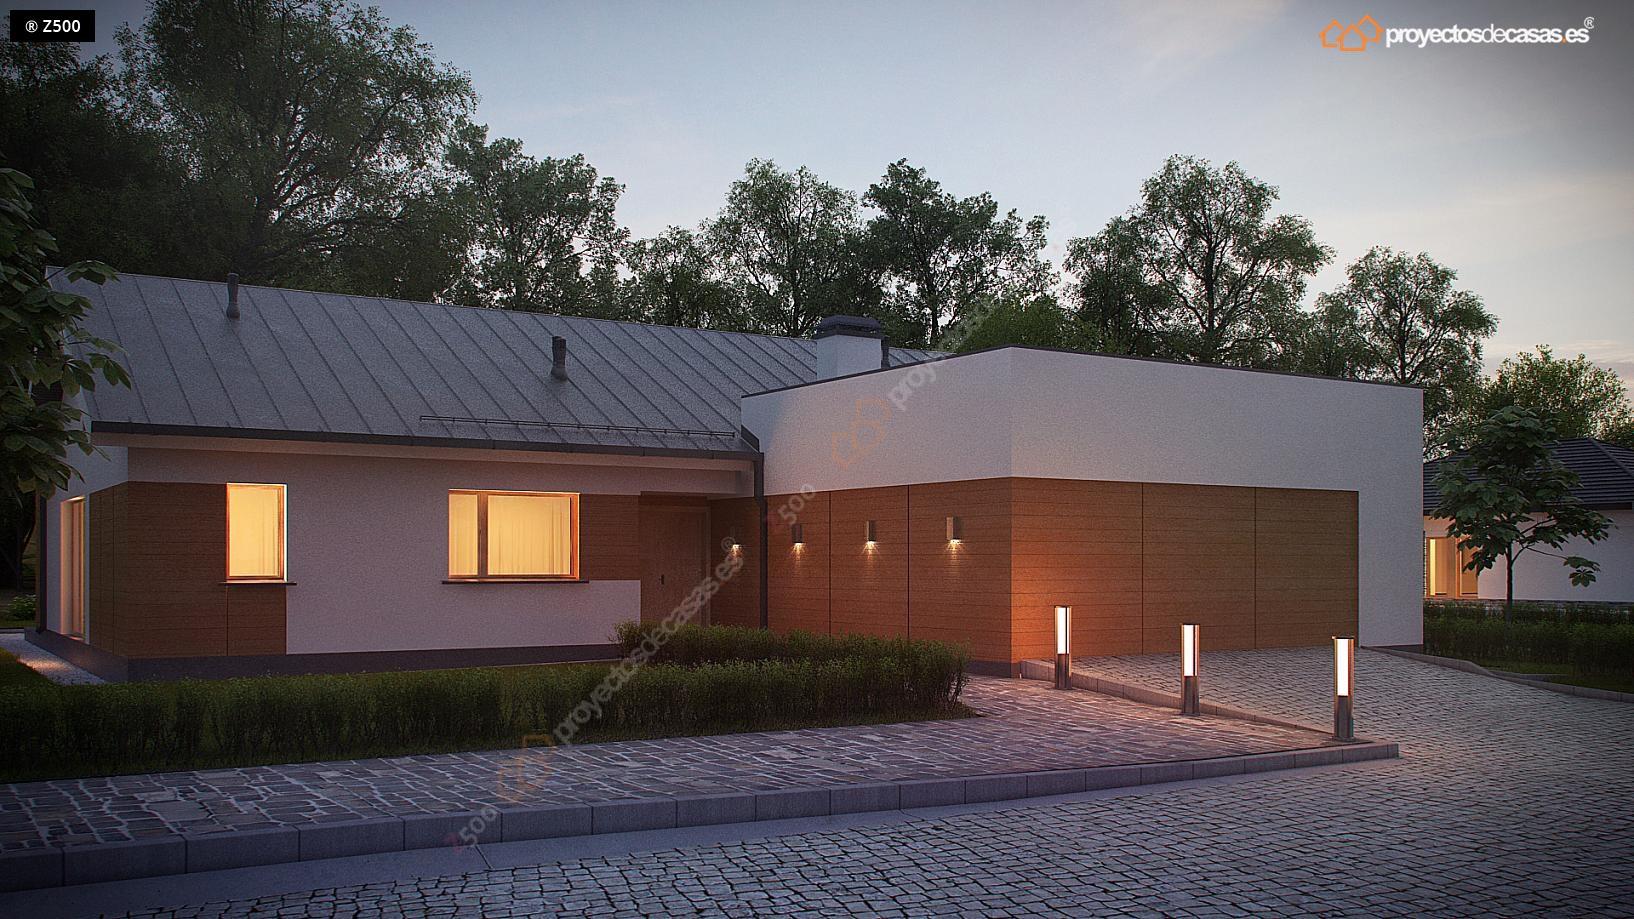 Proyectos de casas casa tradicional proyectosdecasas for Cubiertas para casas